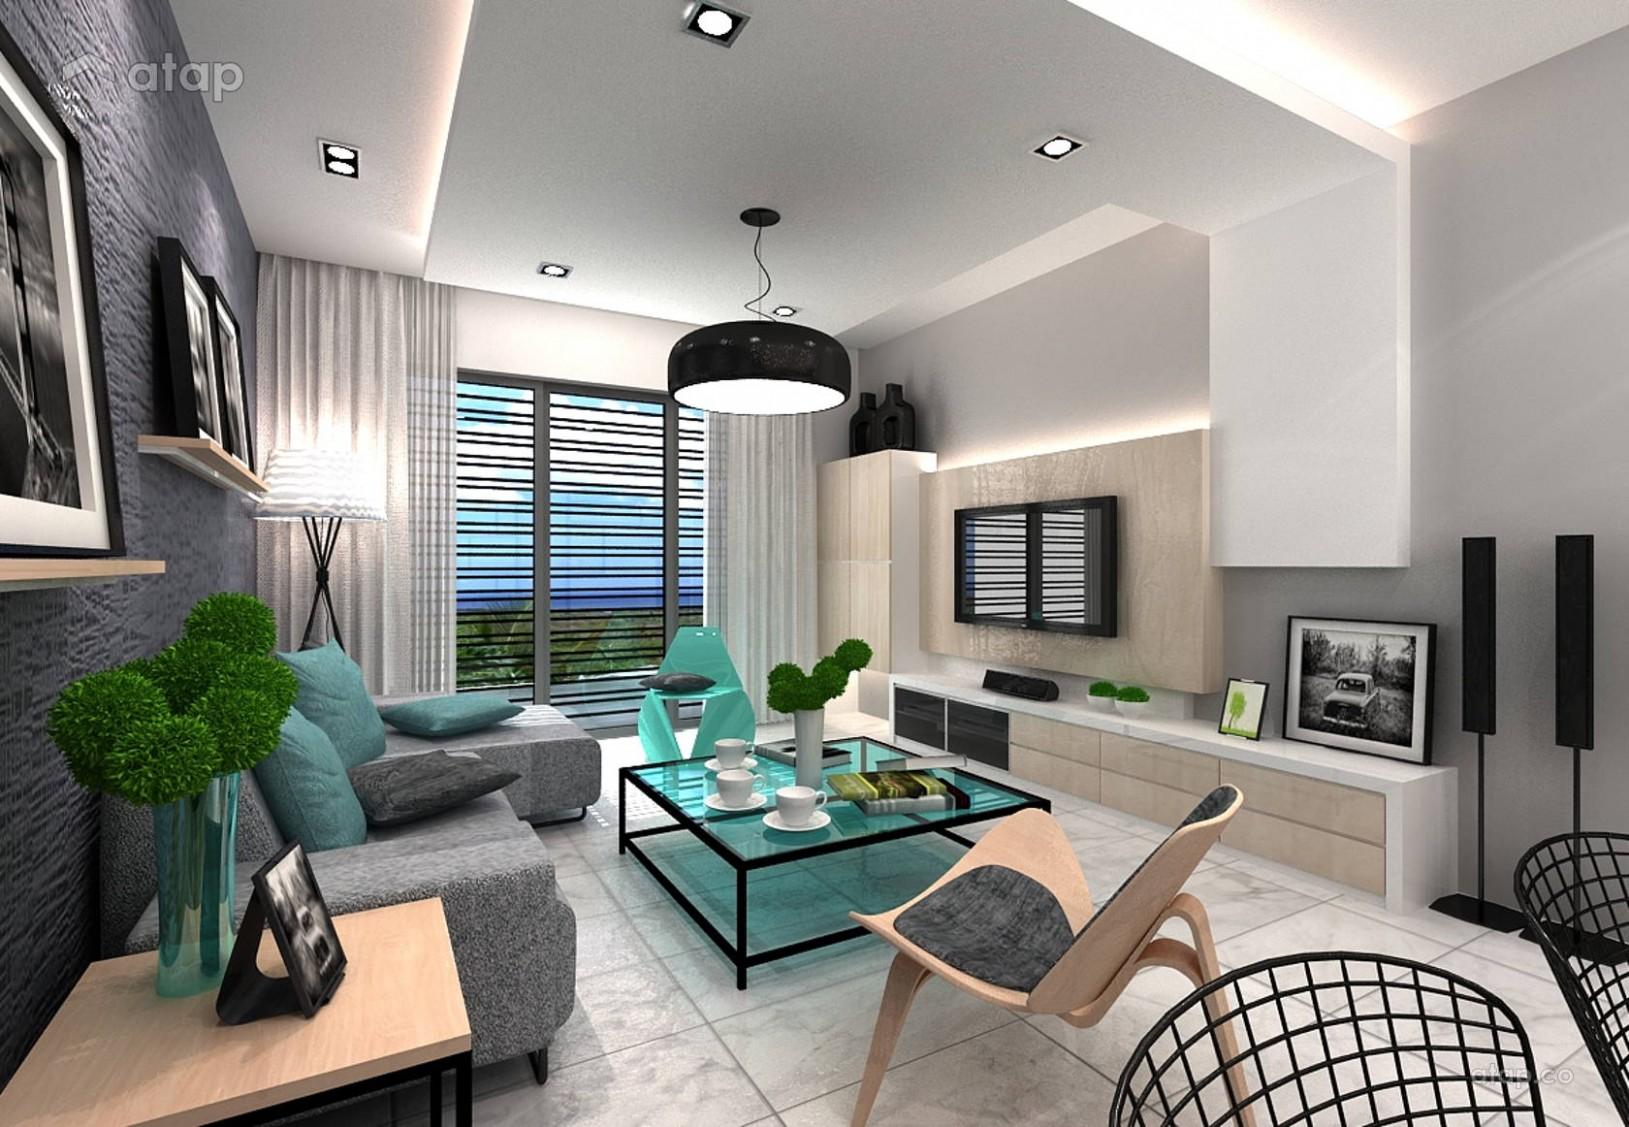 Living Room Interior Design Ideas For Apartments - Novocom